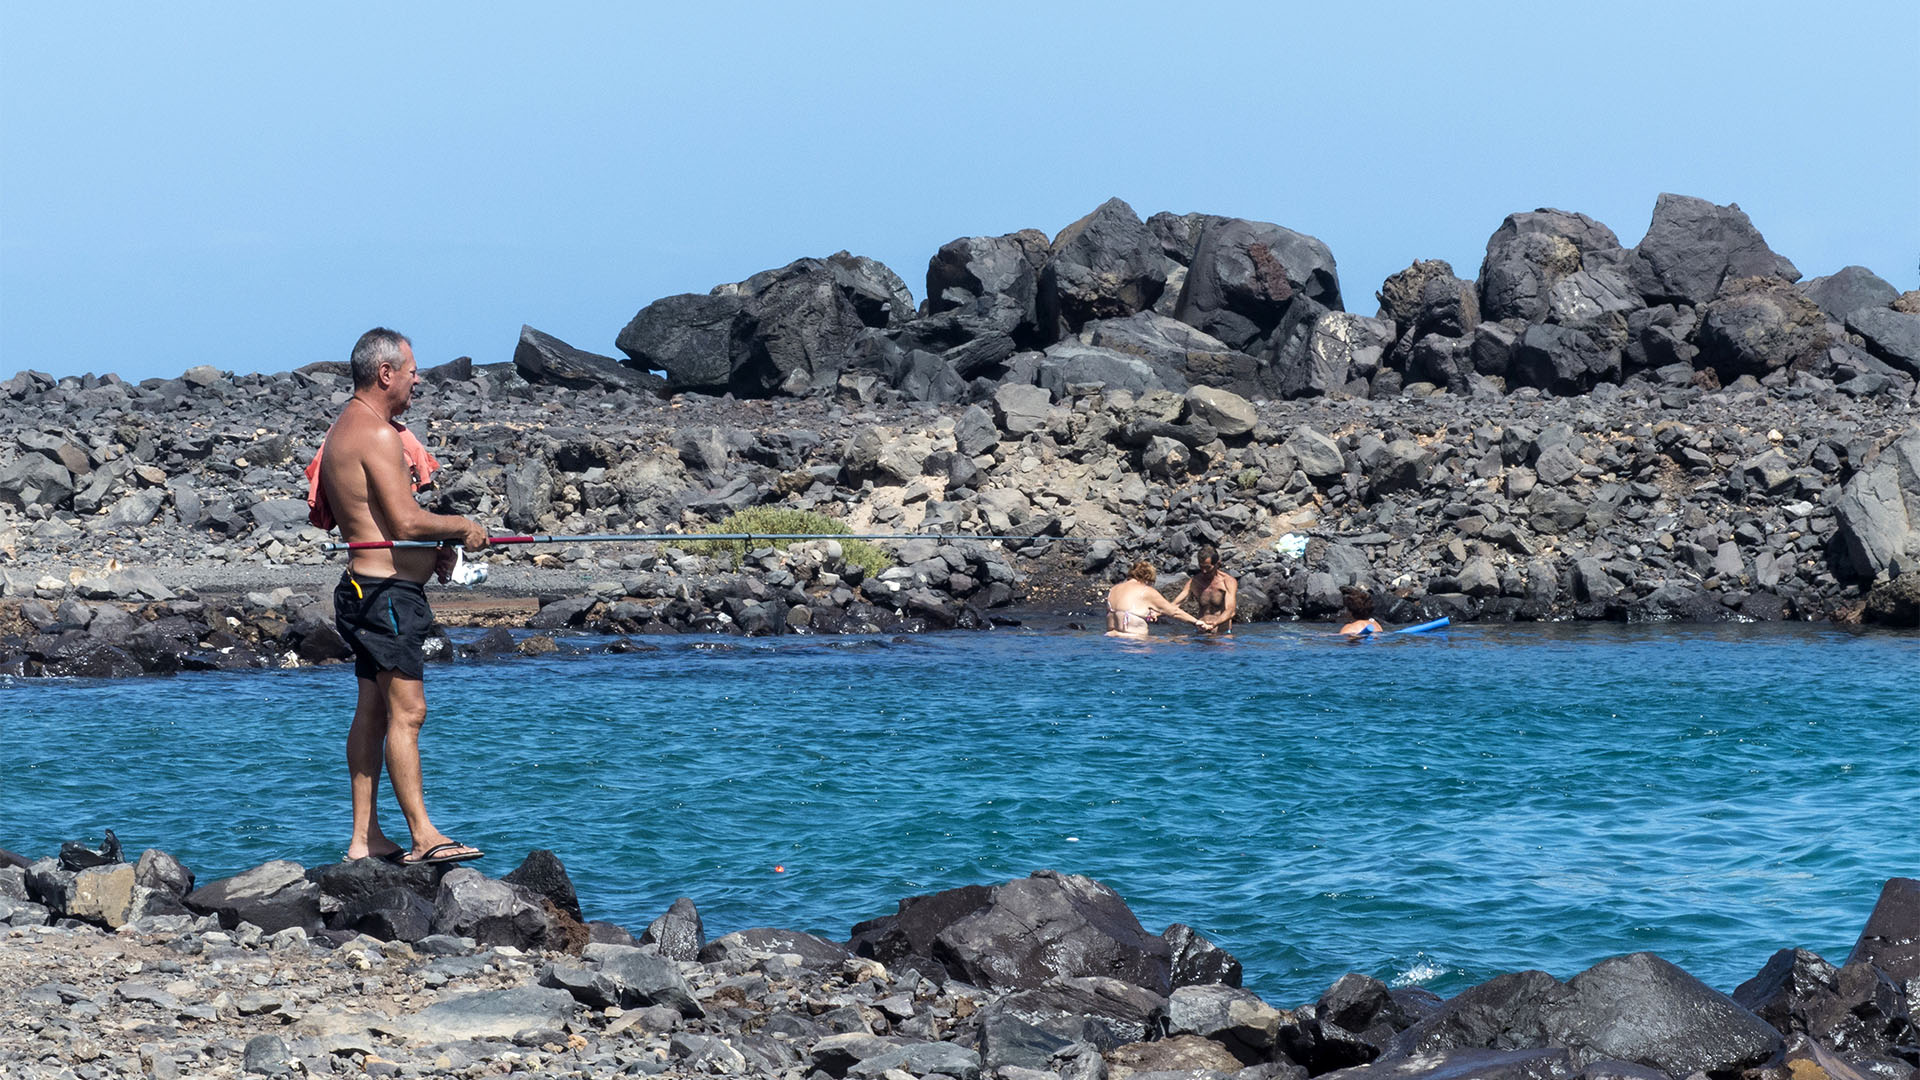 Die Strände Fuerteventuras: Playa de El Jablito